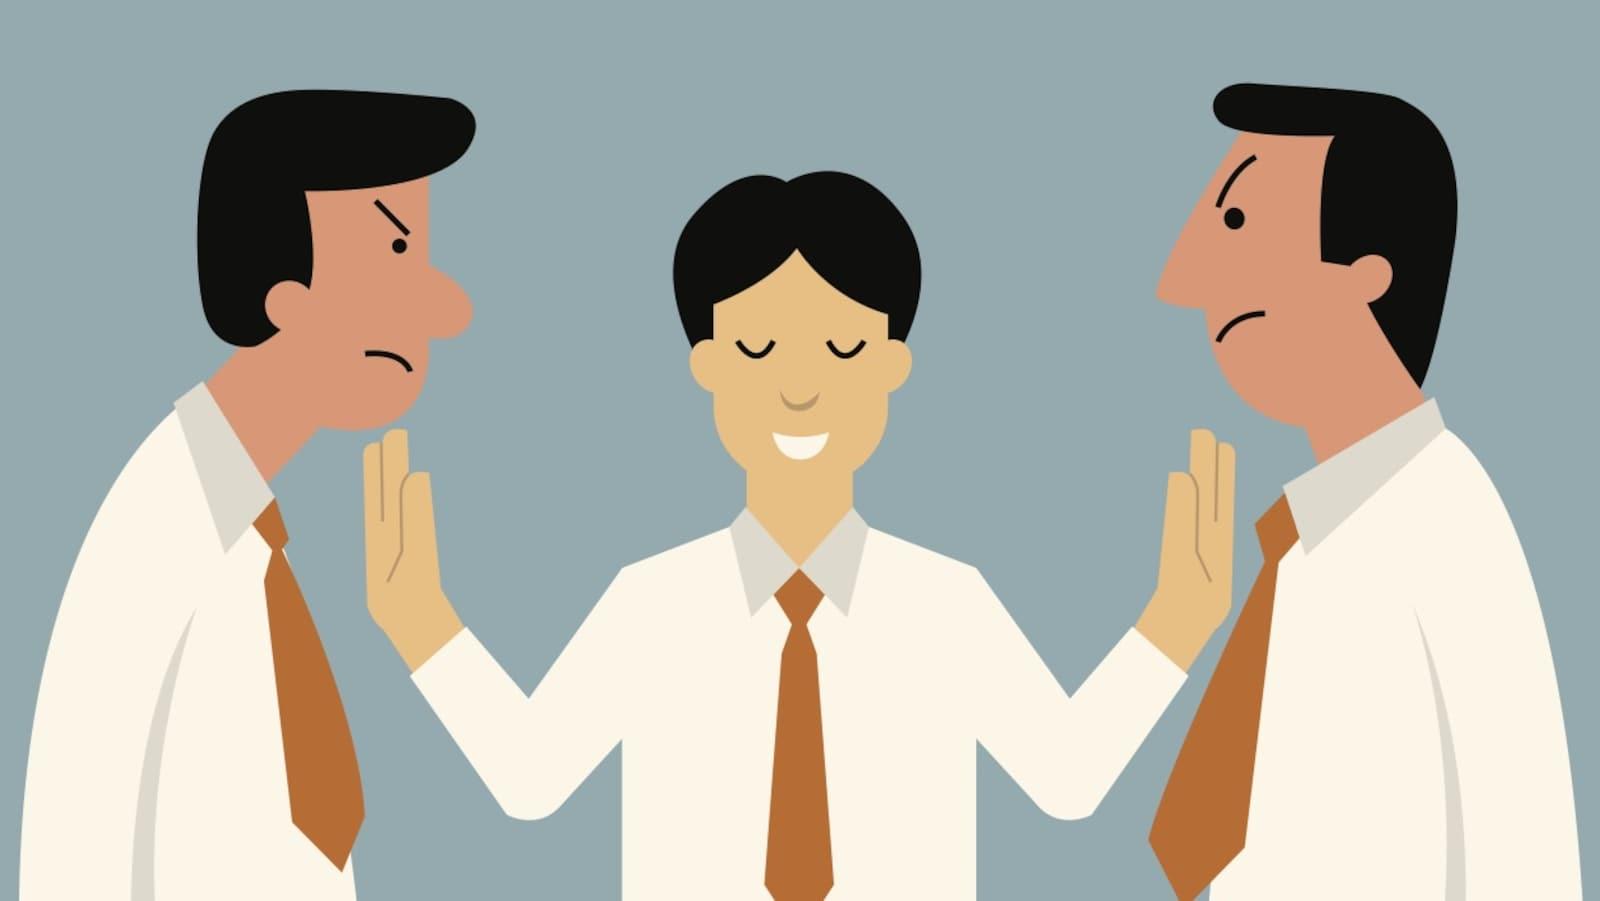 Dessin d'un homme souriant s'interposant entre deux hommes mécontents.